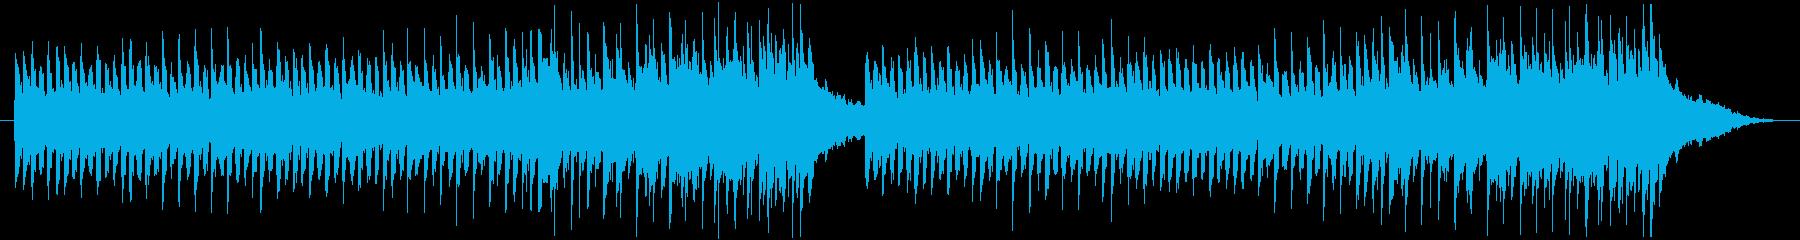 30秒程度のBGM素材です。1分バージ…の再生済みの波形